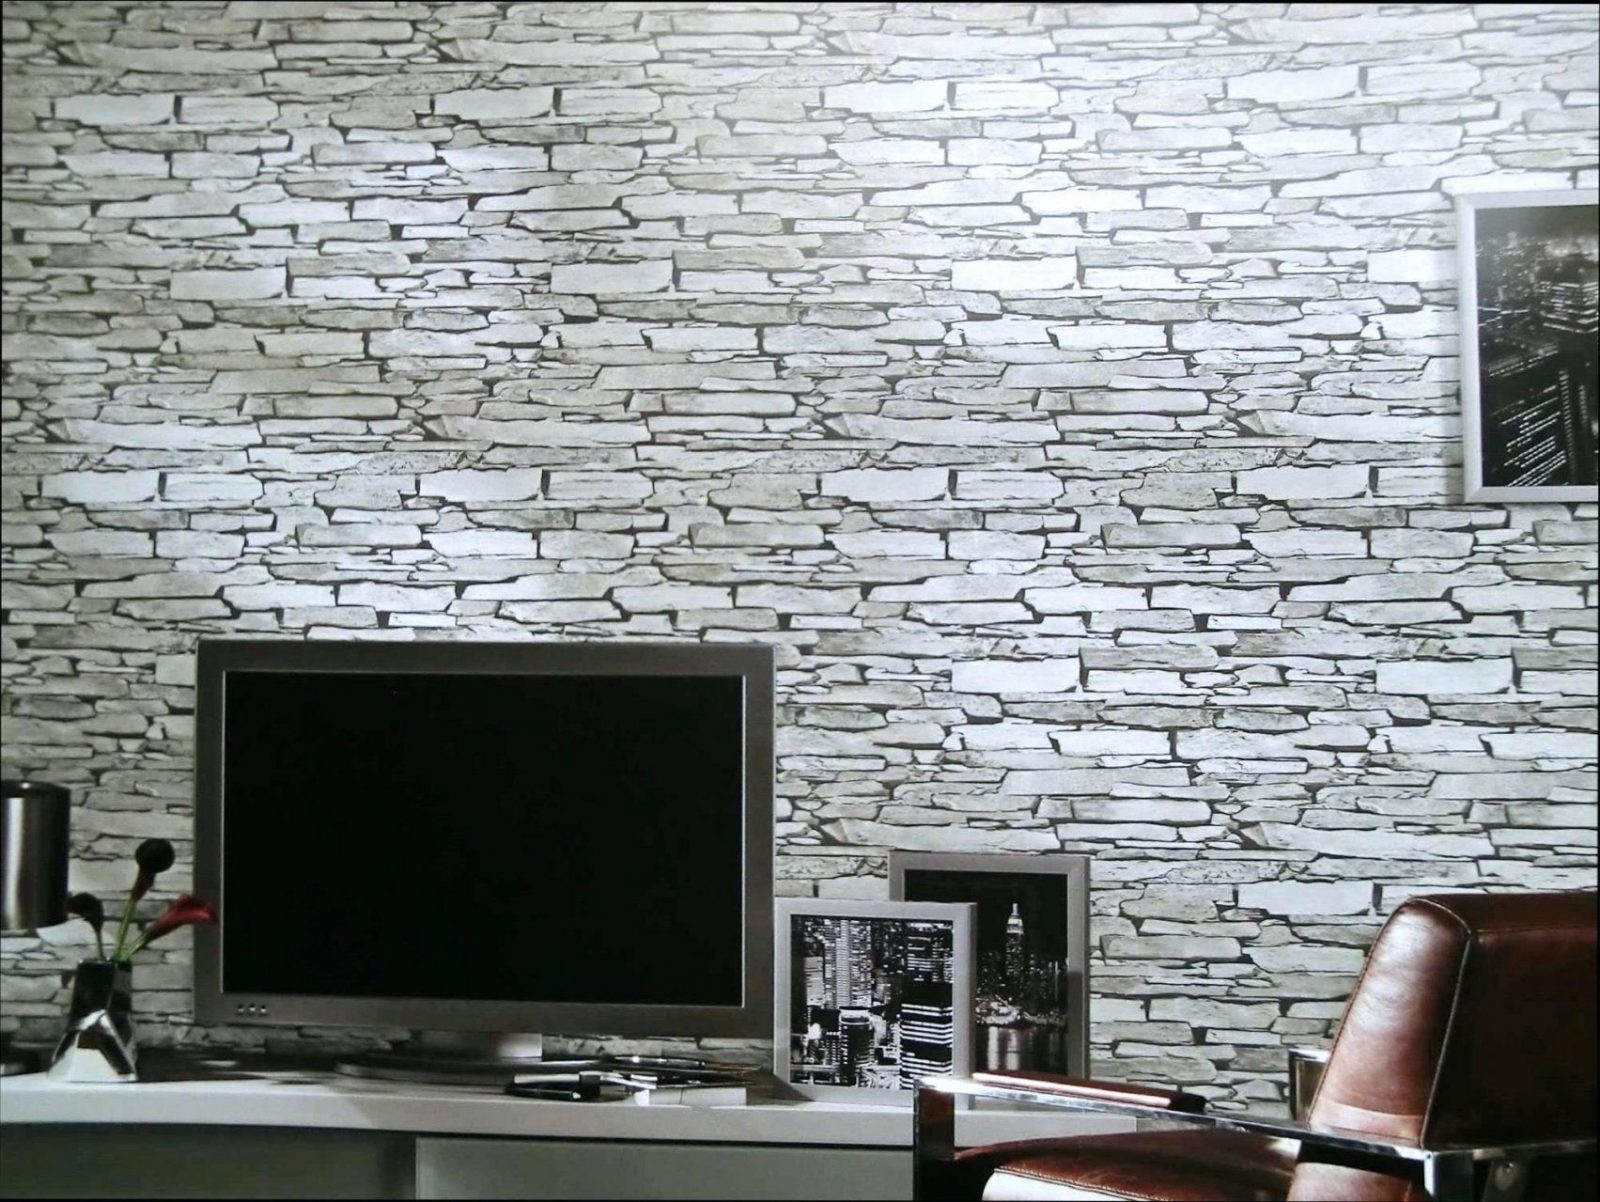 ... Stein Tapete 3D Faszinierend Anthrazit Steintapete Wohnzimmer Von Stein  Tapete 3D Wohnzimmer Photo